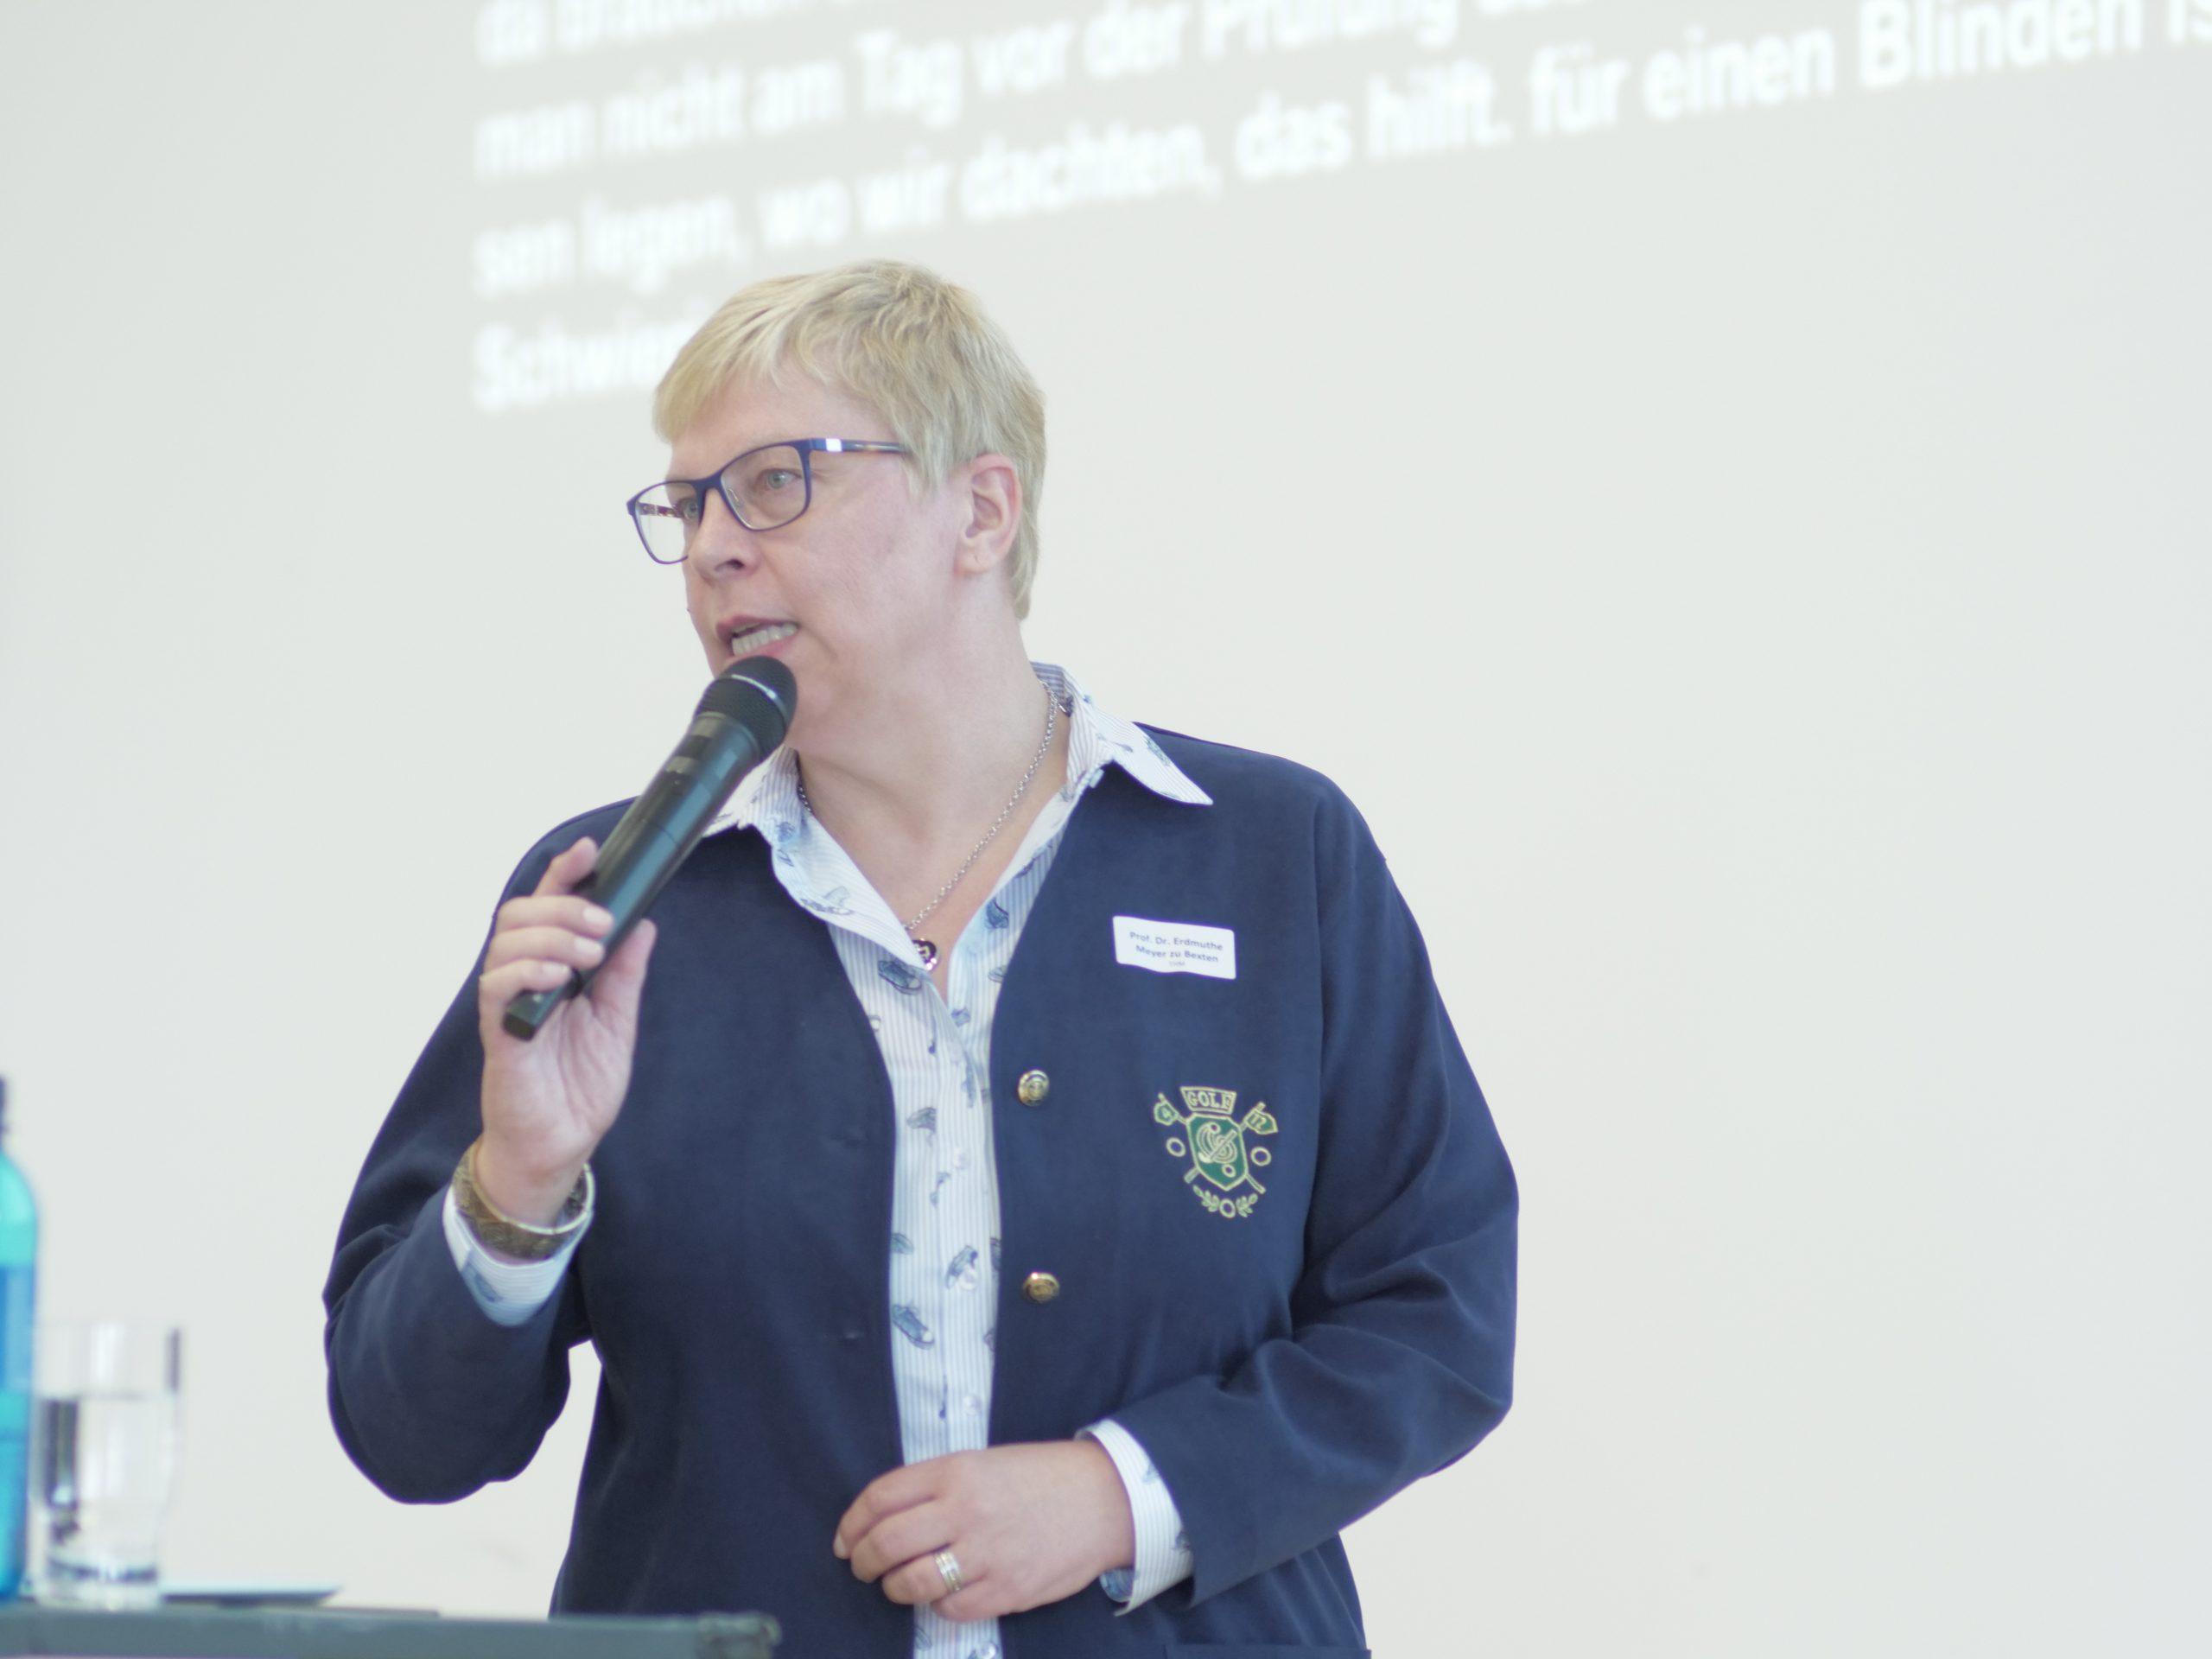 Prof'in Meyer zu Bexten hält einen Vortrag.